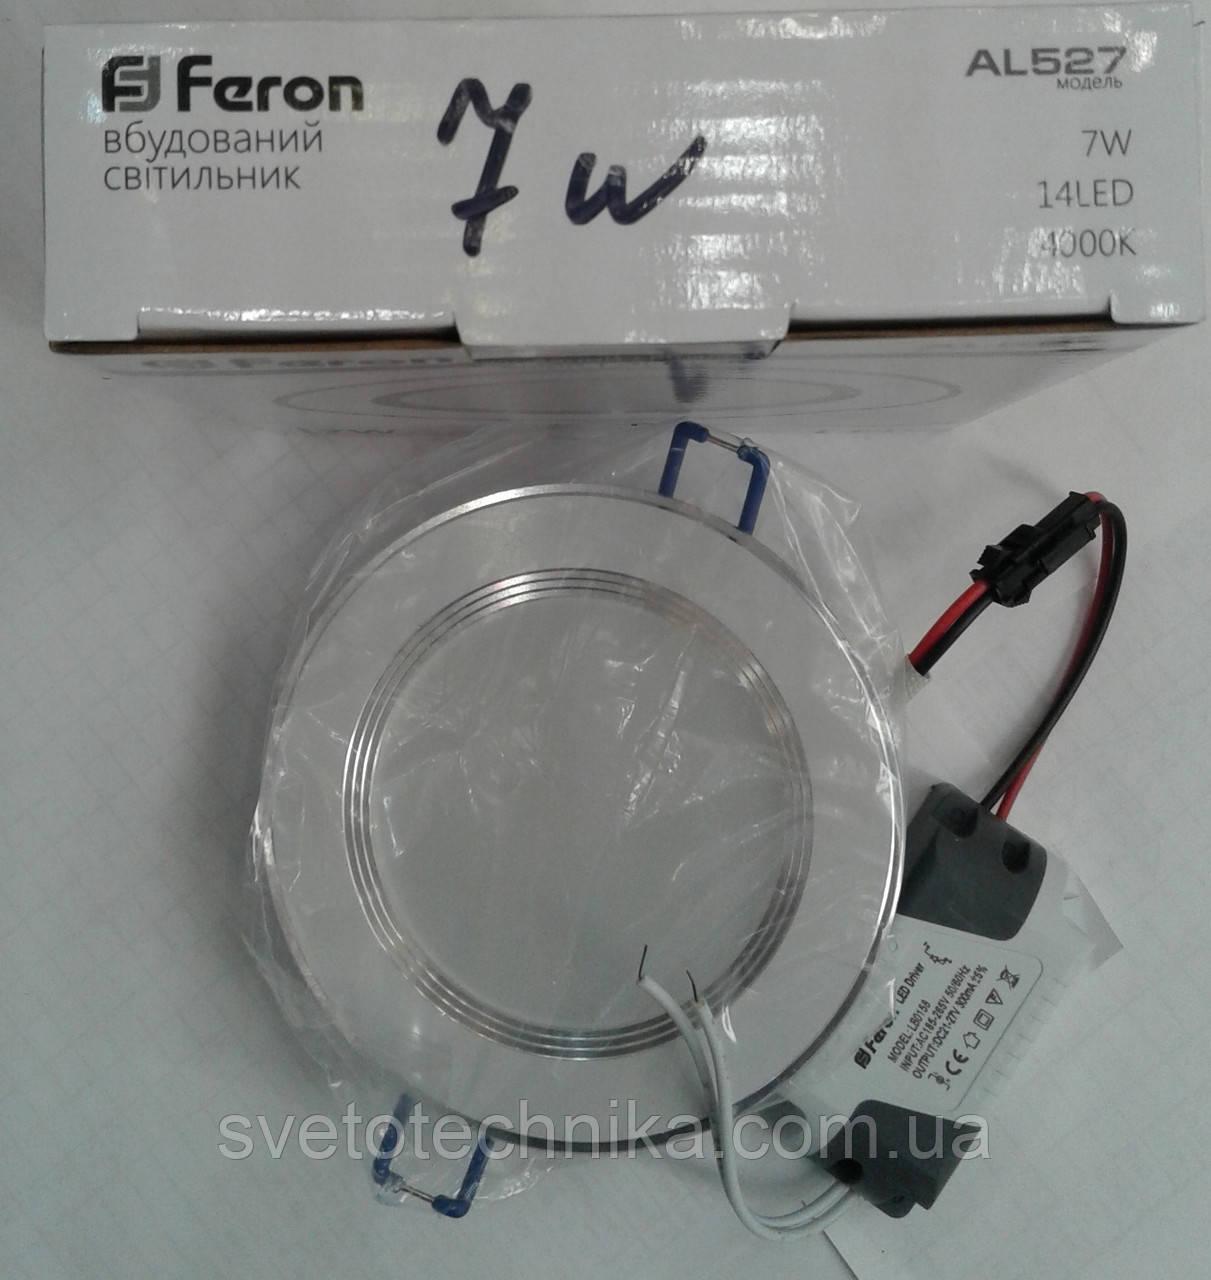 Светодиодная панель встраиваемая Feron AL527 7W 4000K (корпус-белый)